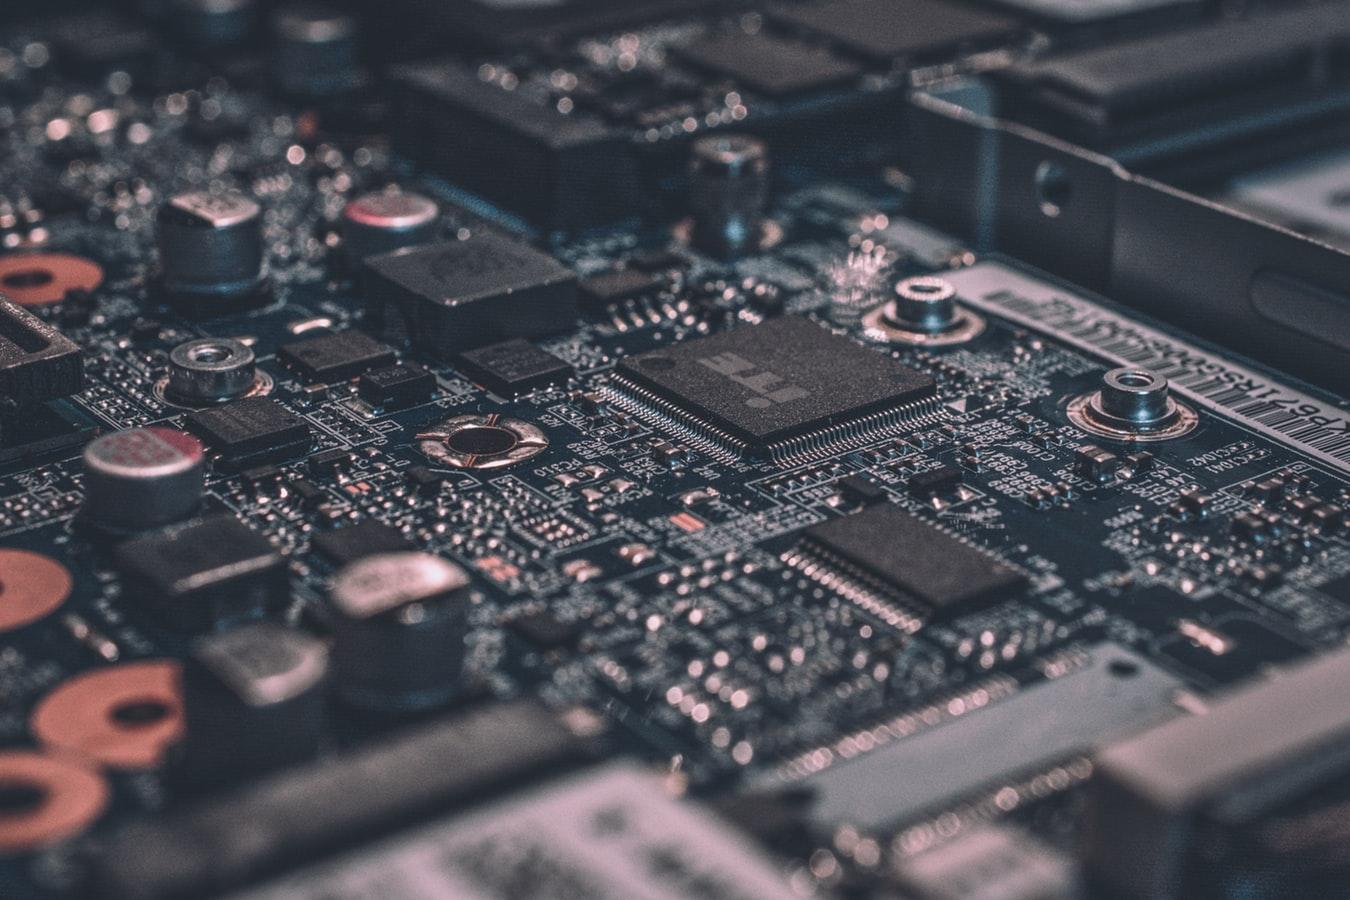 Alexandre Debiève a čip, progres technológií